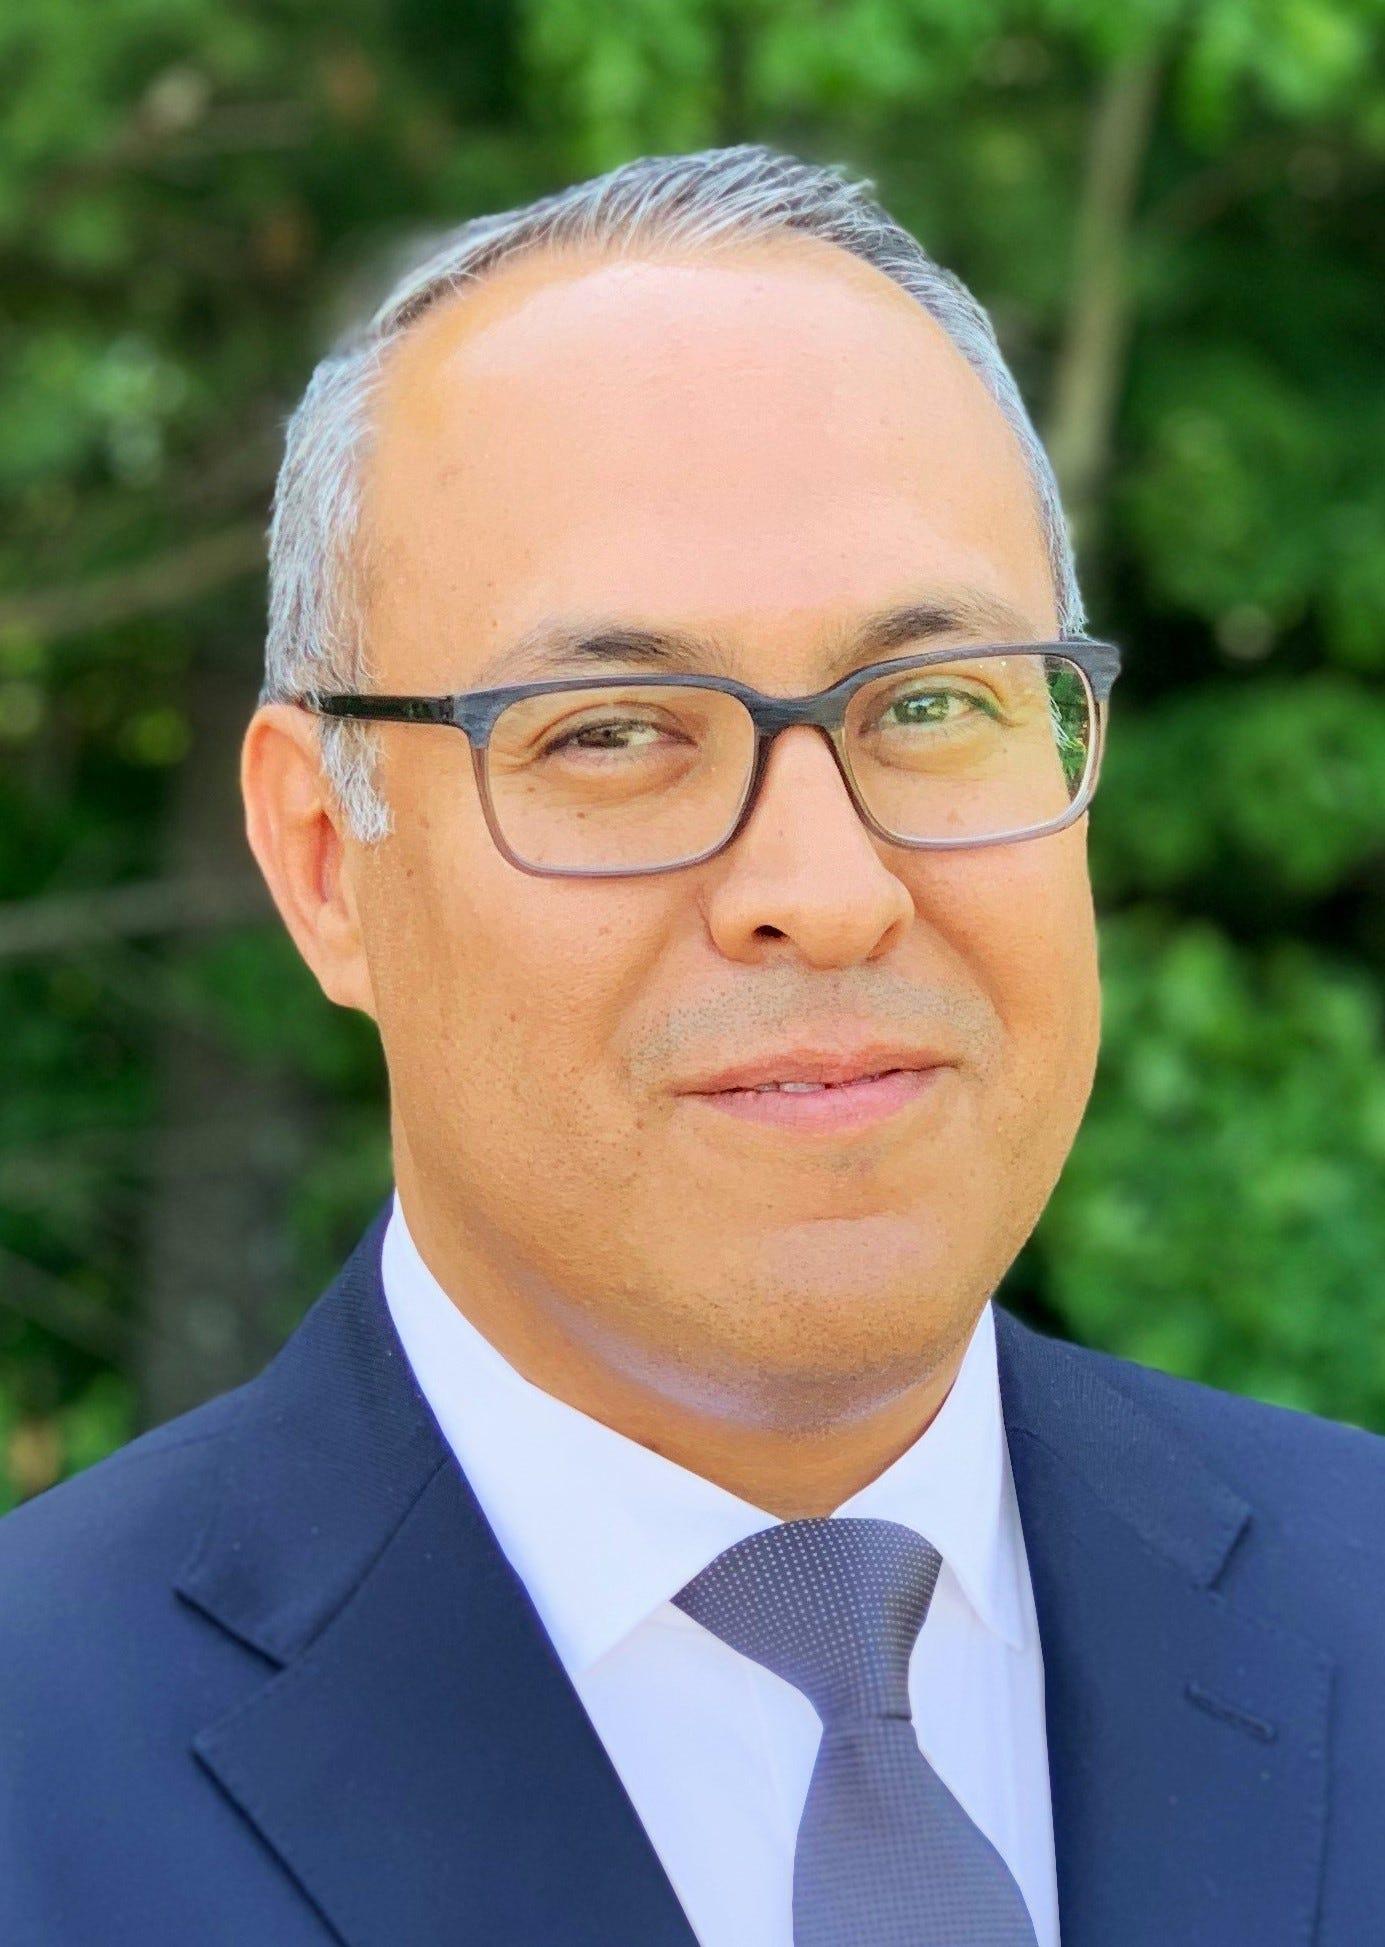 Enrique Grajeda, Mount Franklin Foods CEO.